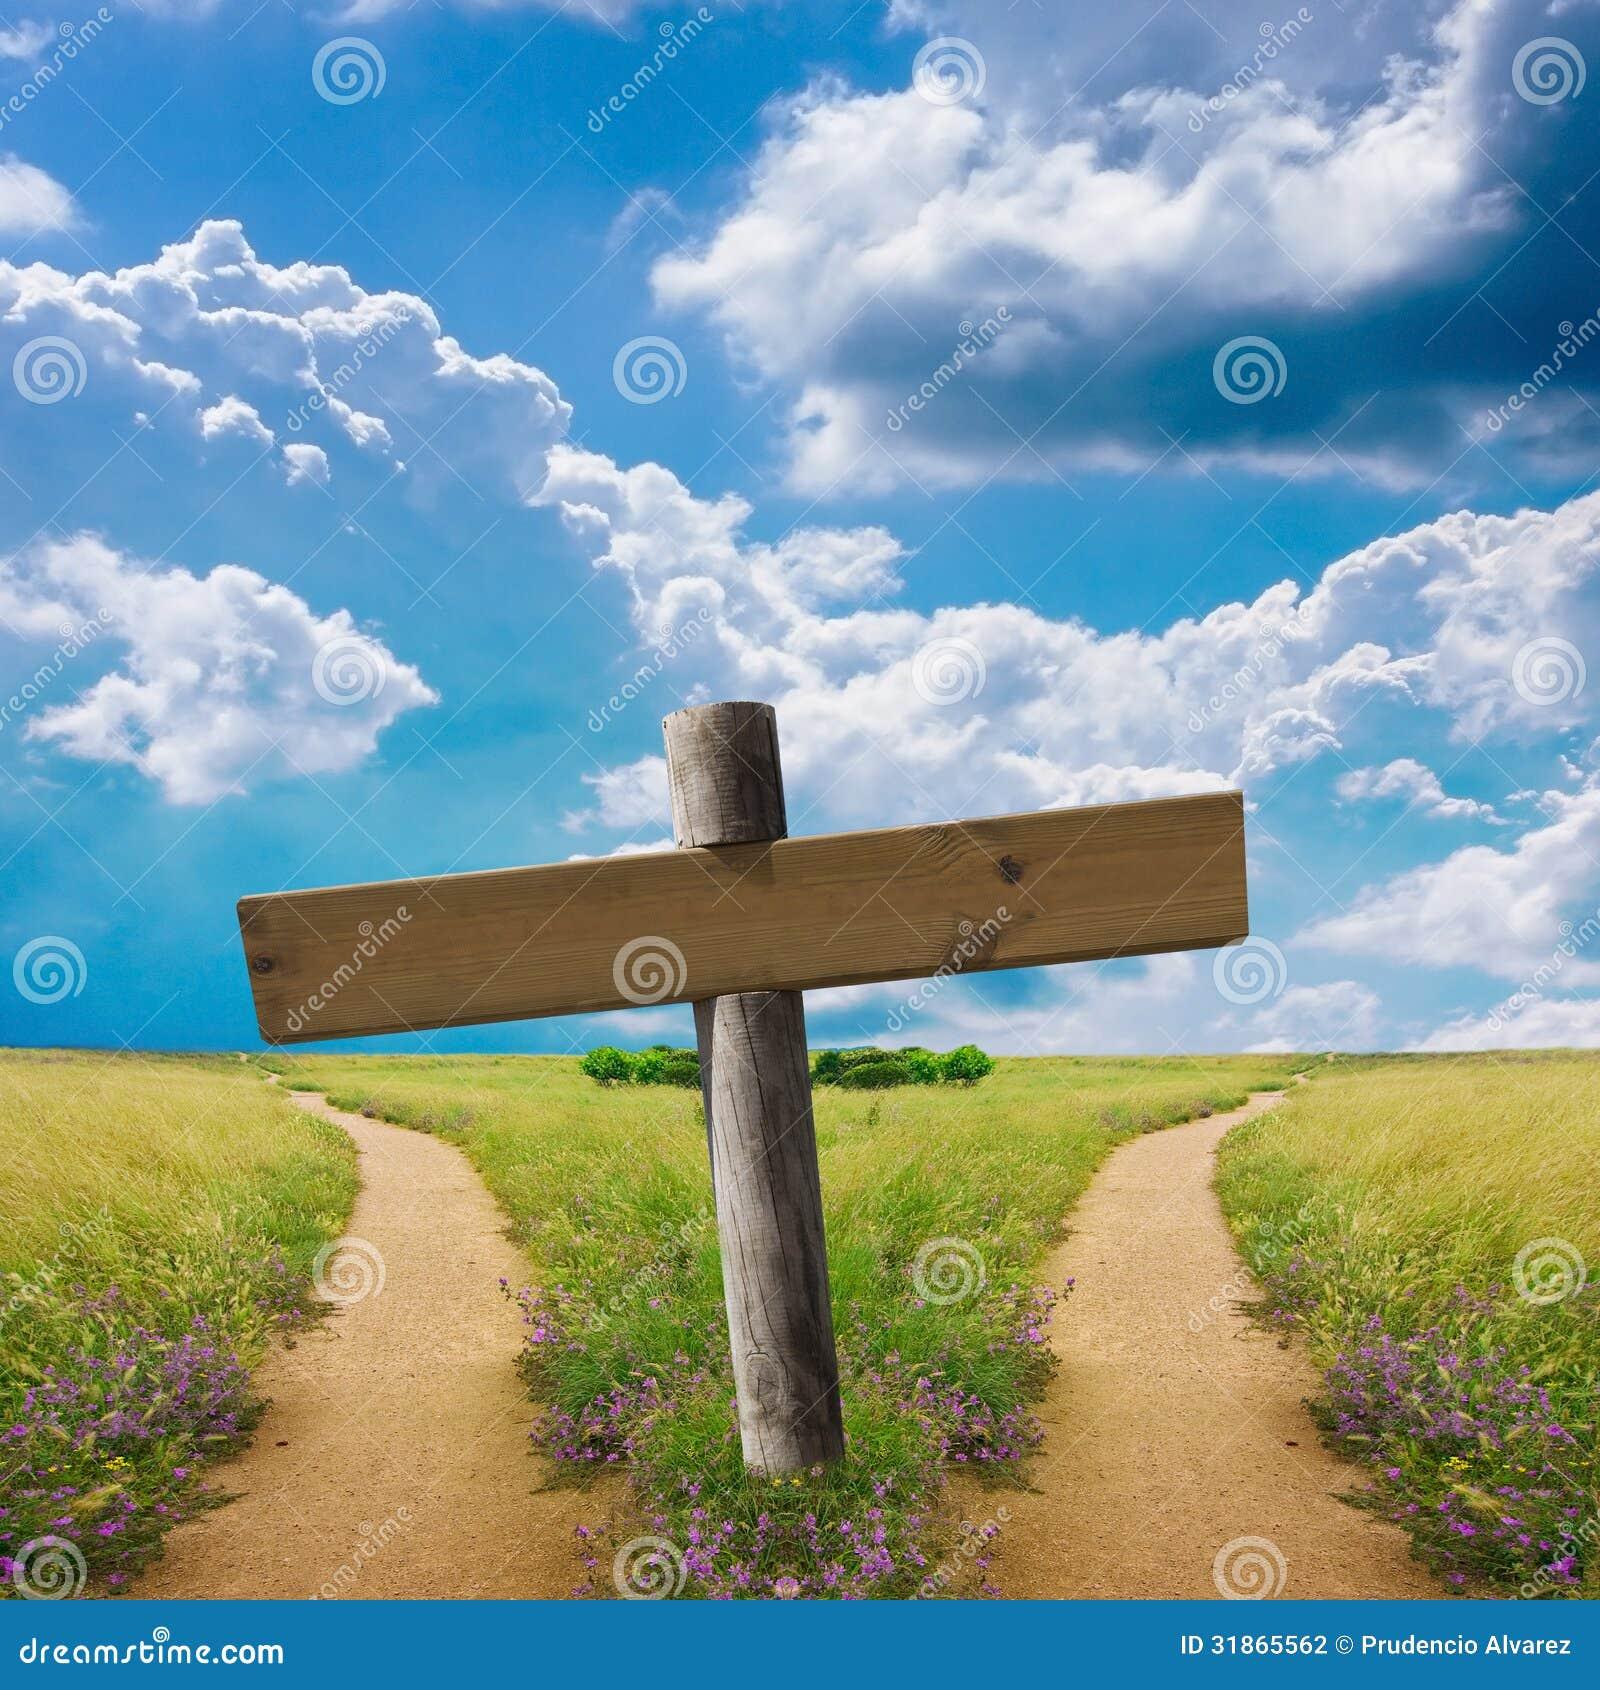 在两条路的连接点的木标志.图片